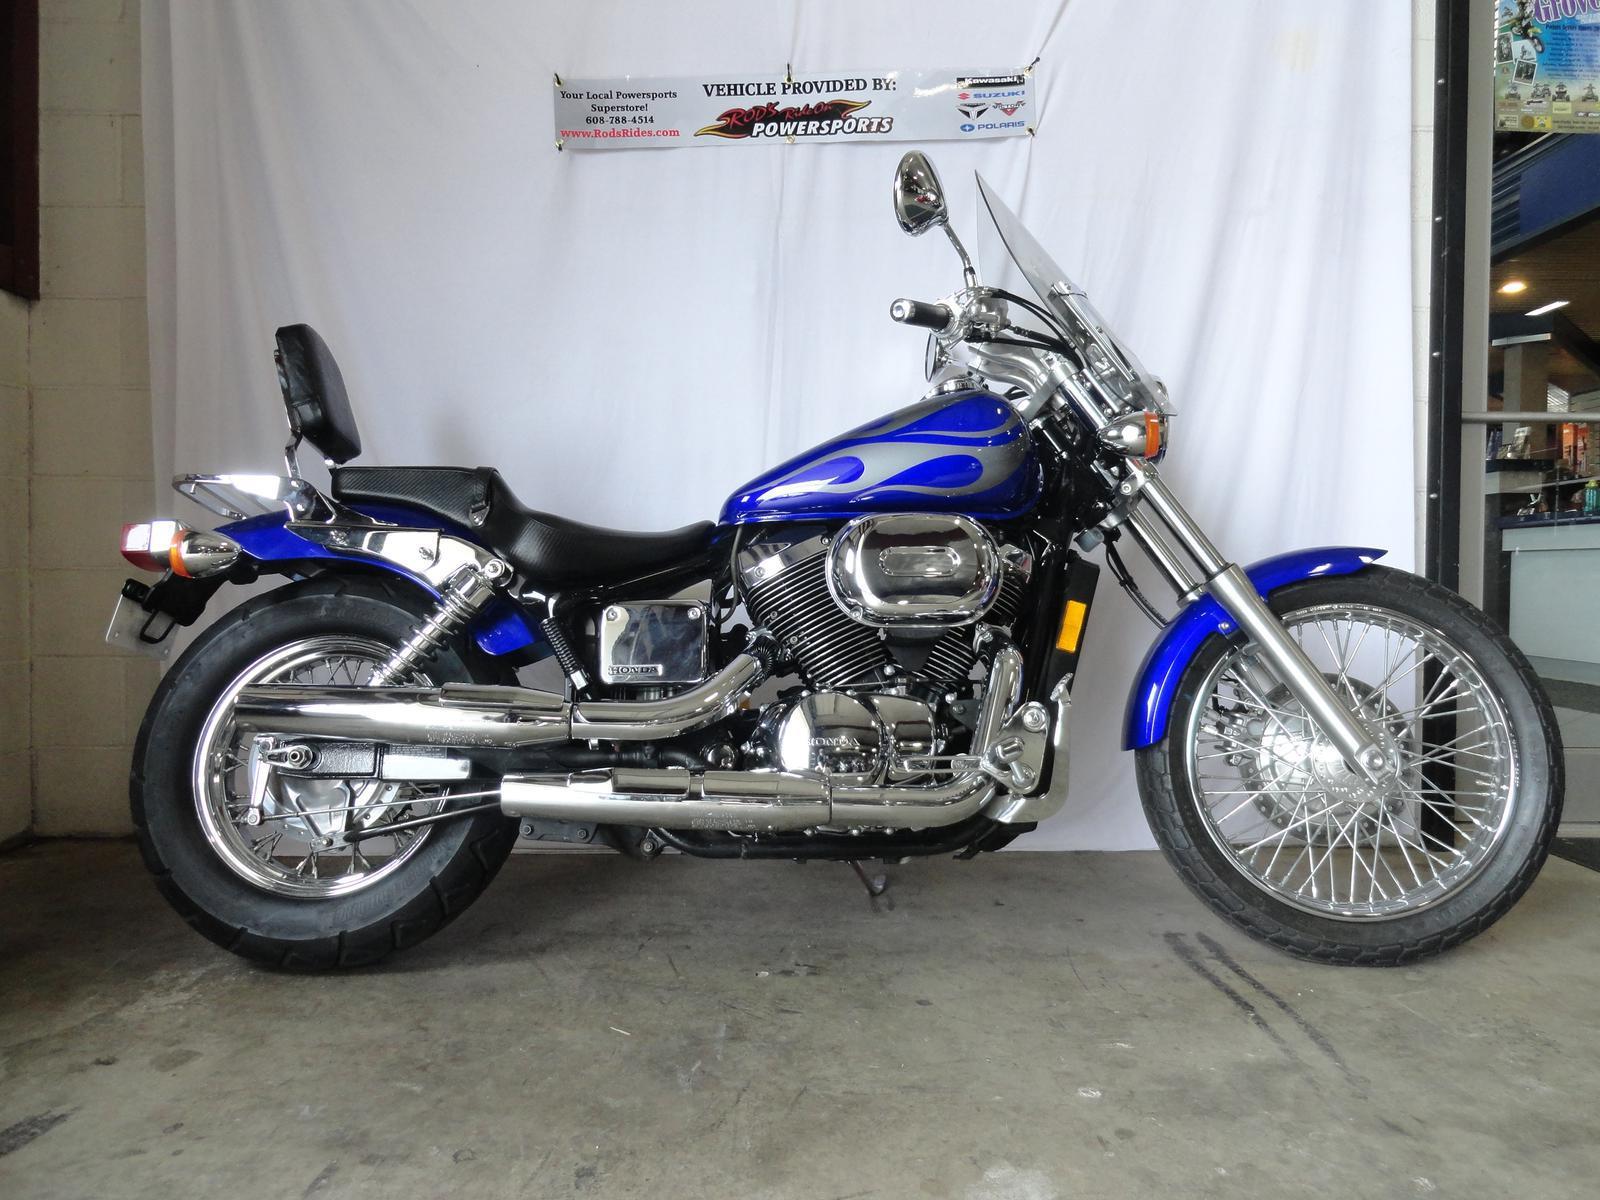 2005 honda shadow spirit 750 for sale in la crosse, wi. rod's ride